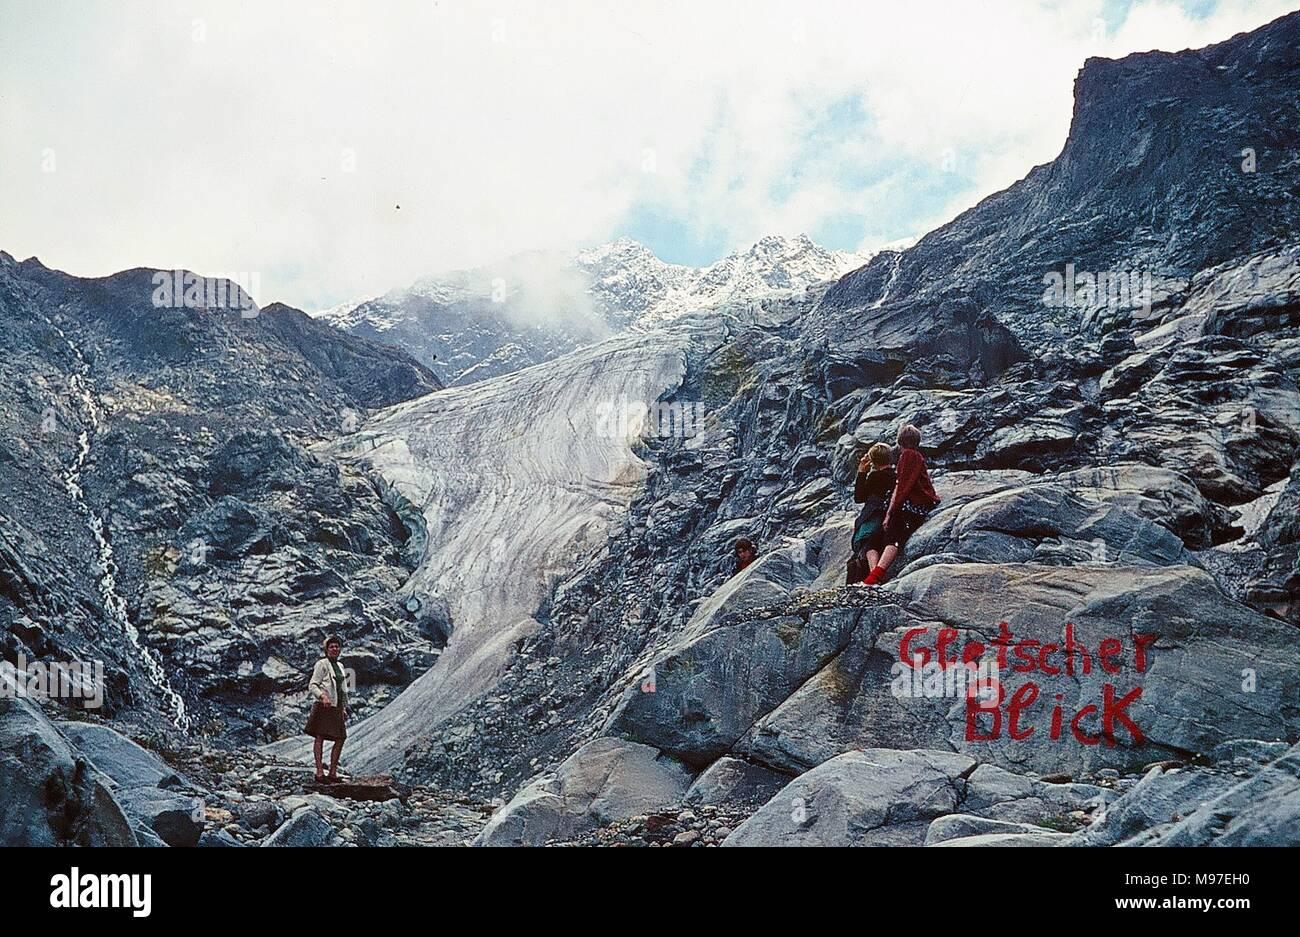 vacances au tyrol Wildspitze, Tyrol, Autriche - Été 1969 : La langue du glacier de la montagne